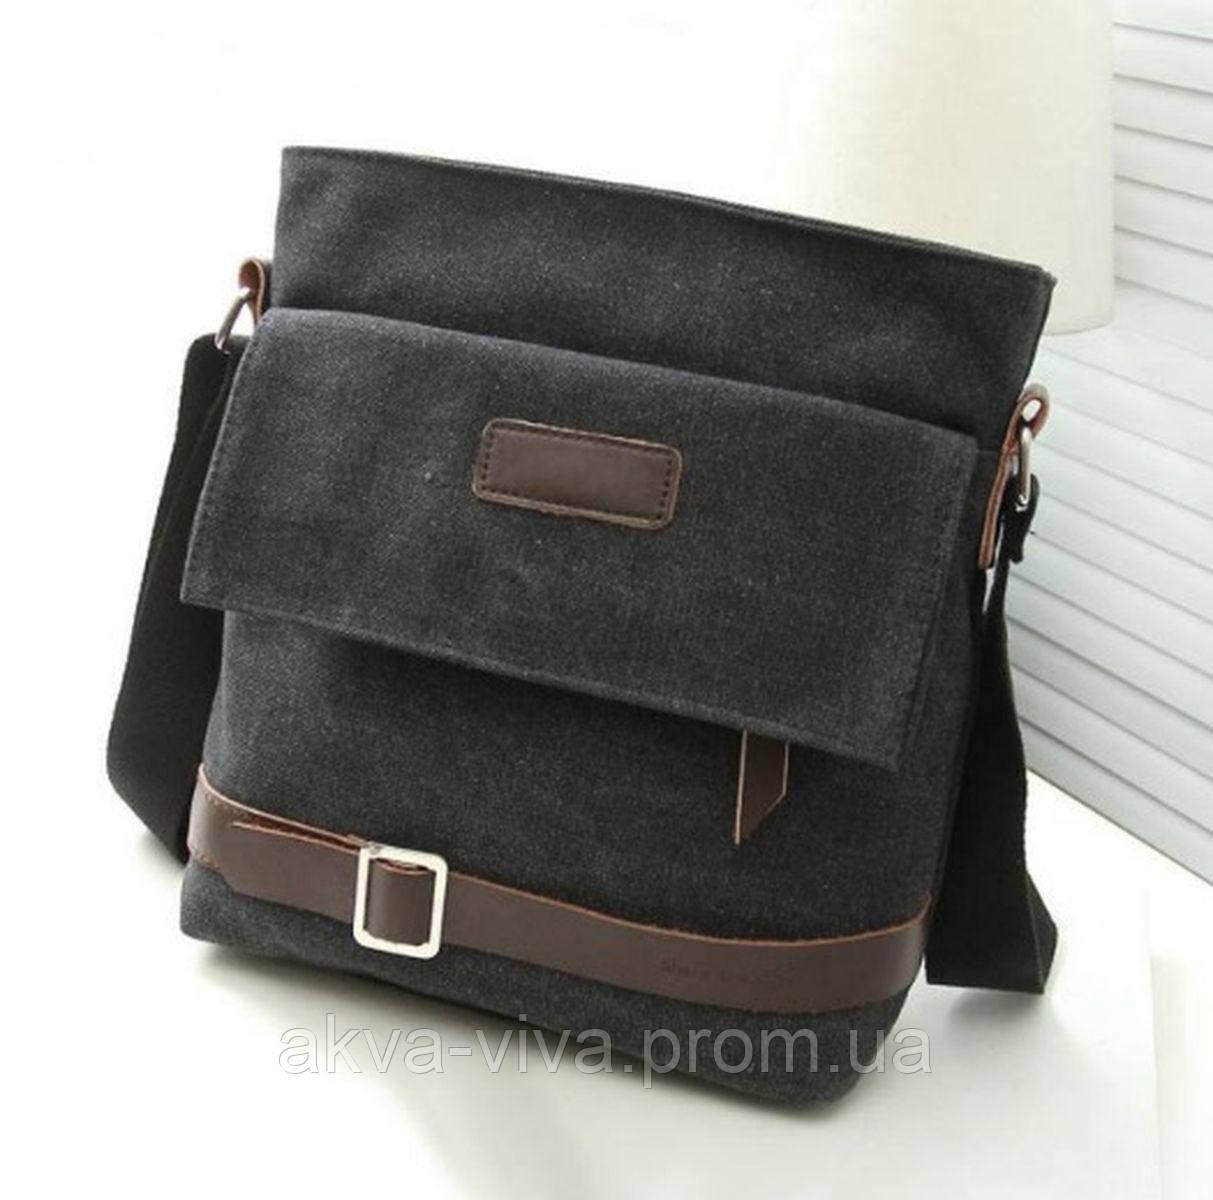 Стильная тканевая мужская сумка (СК-2002)